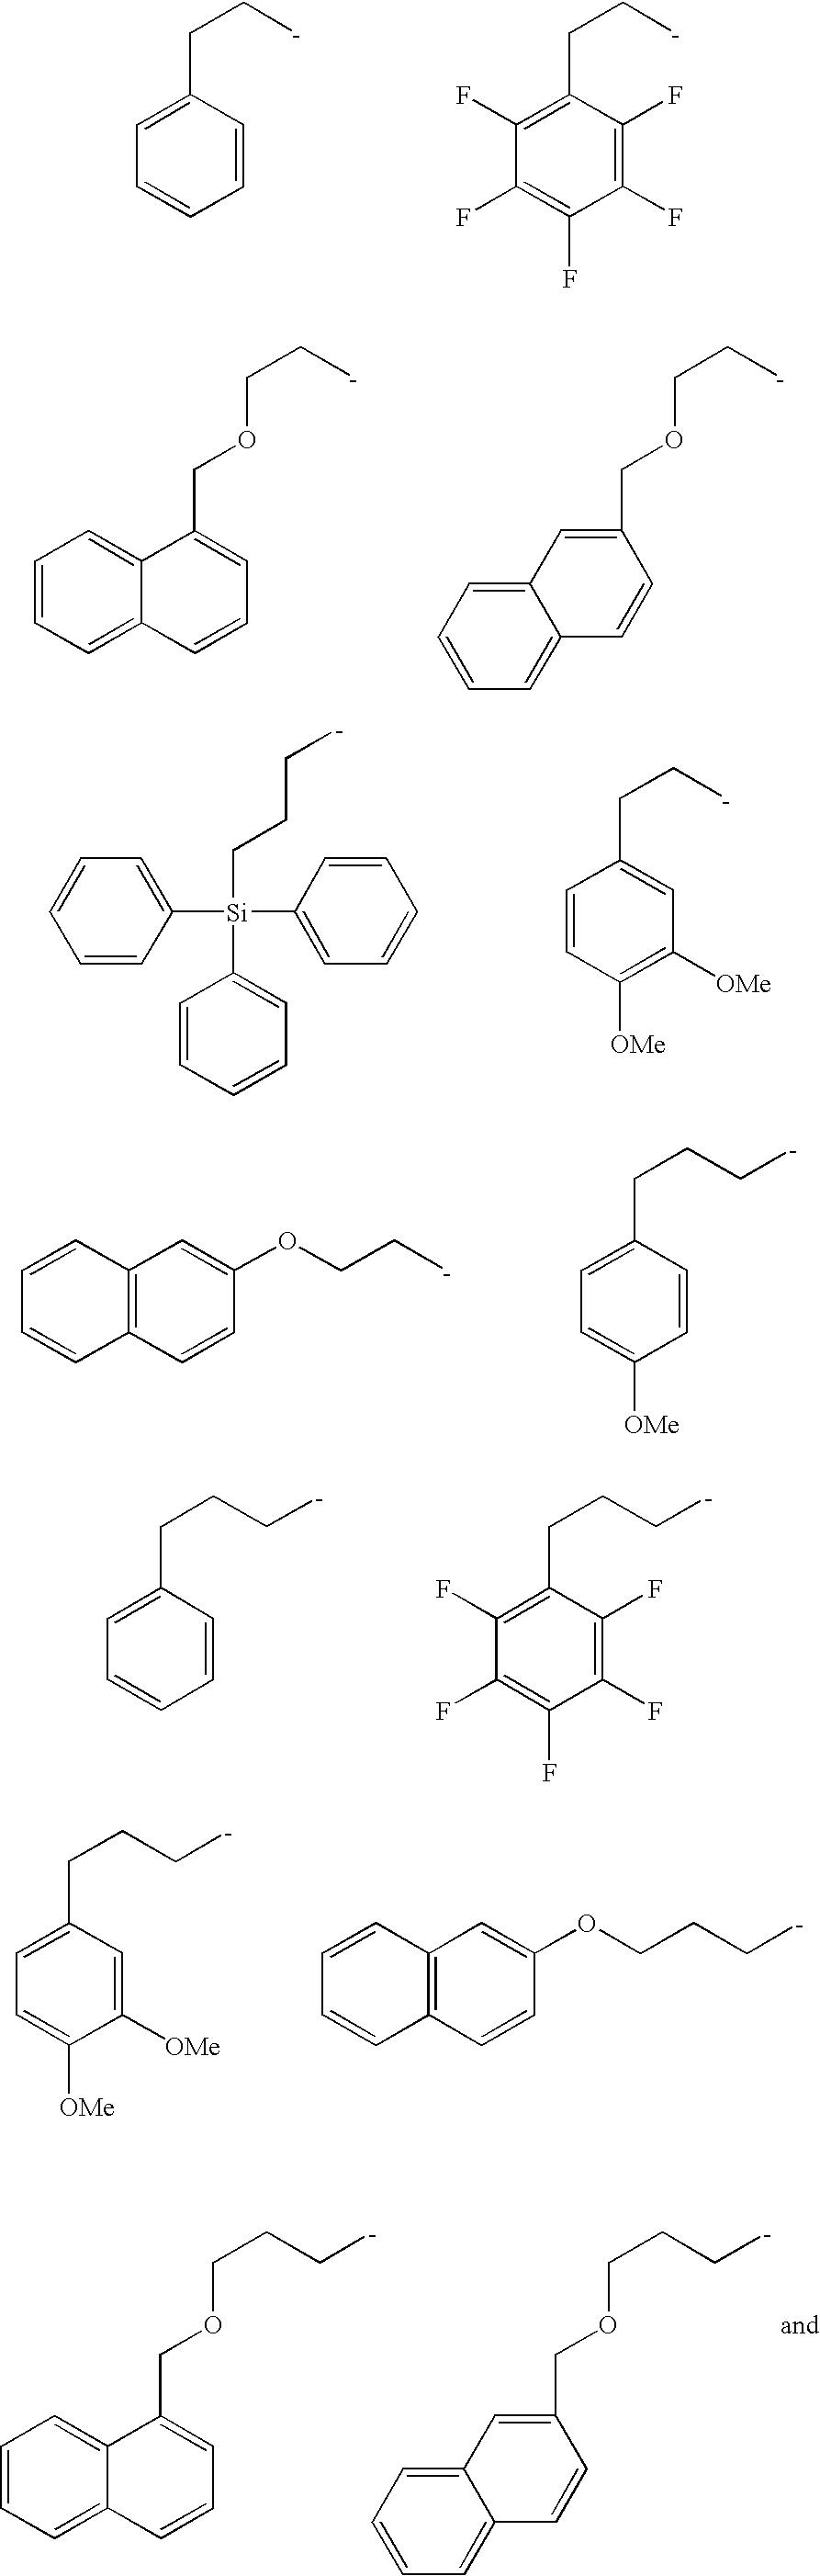 Figure US07005494-20060228-C00013